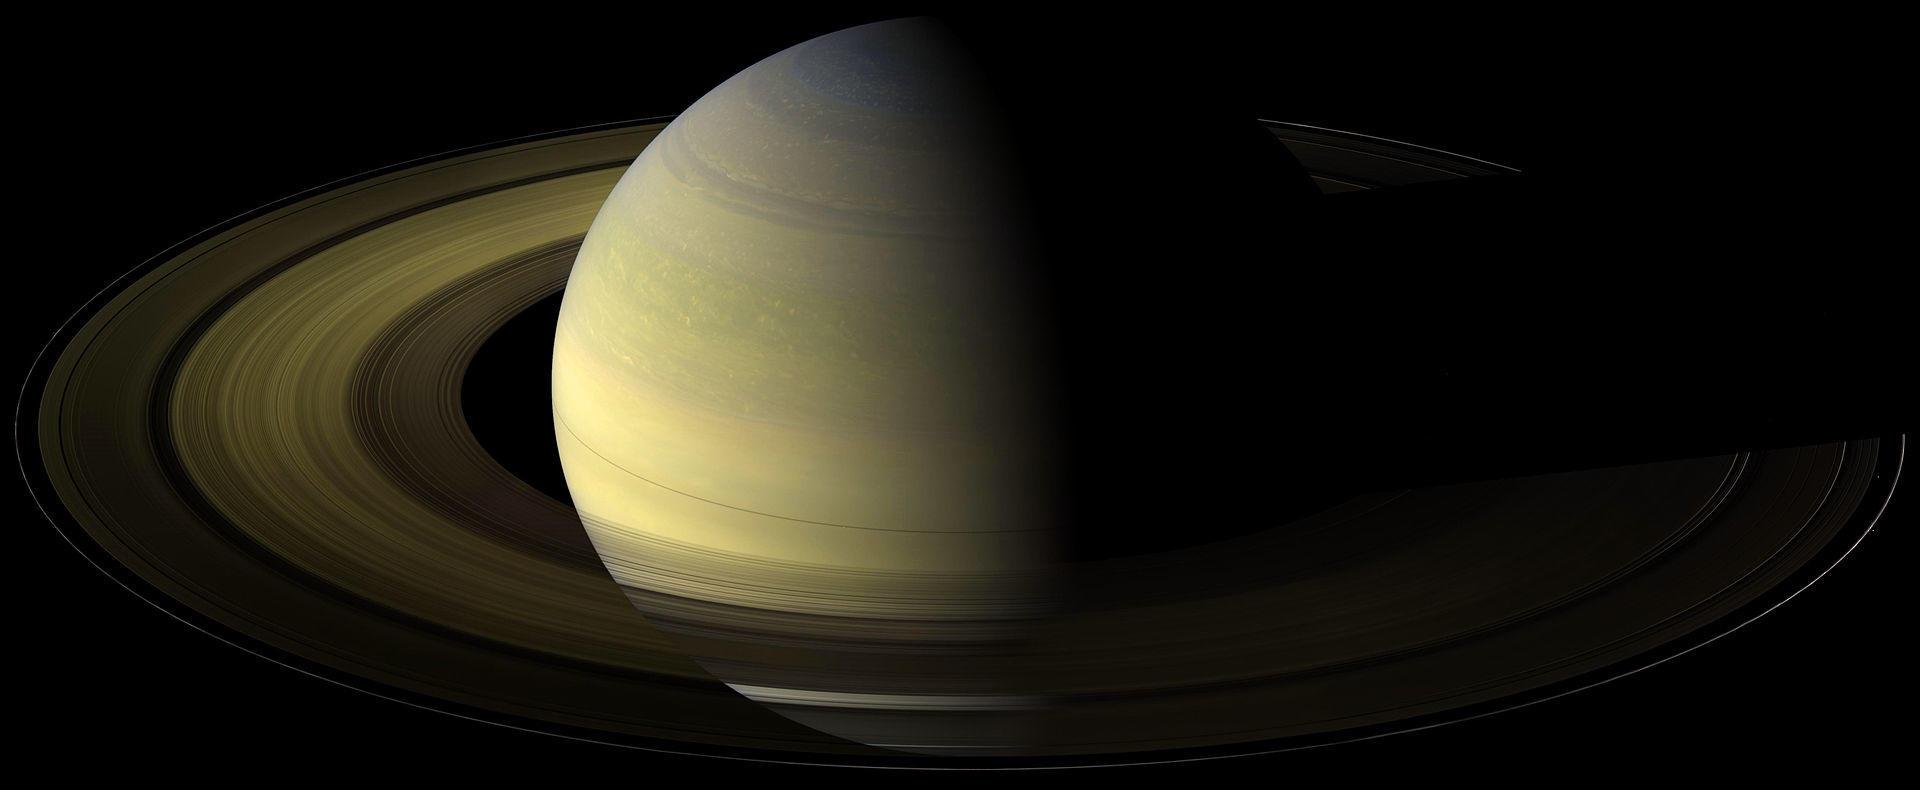 Saturn at its equinox